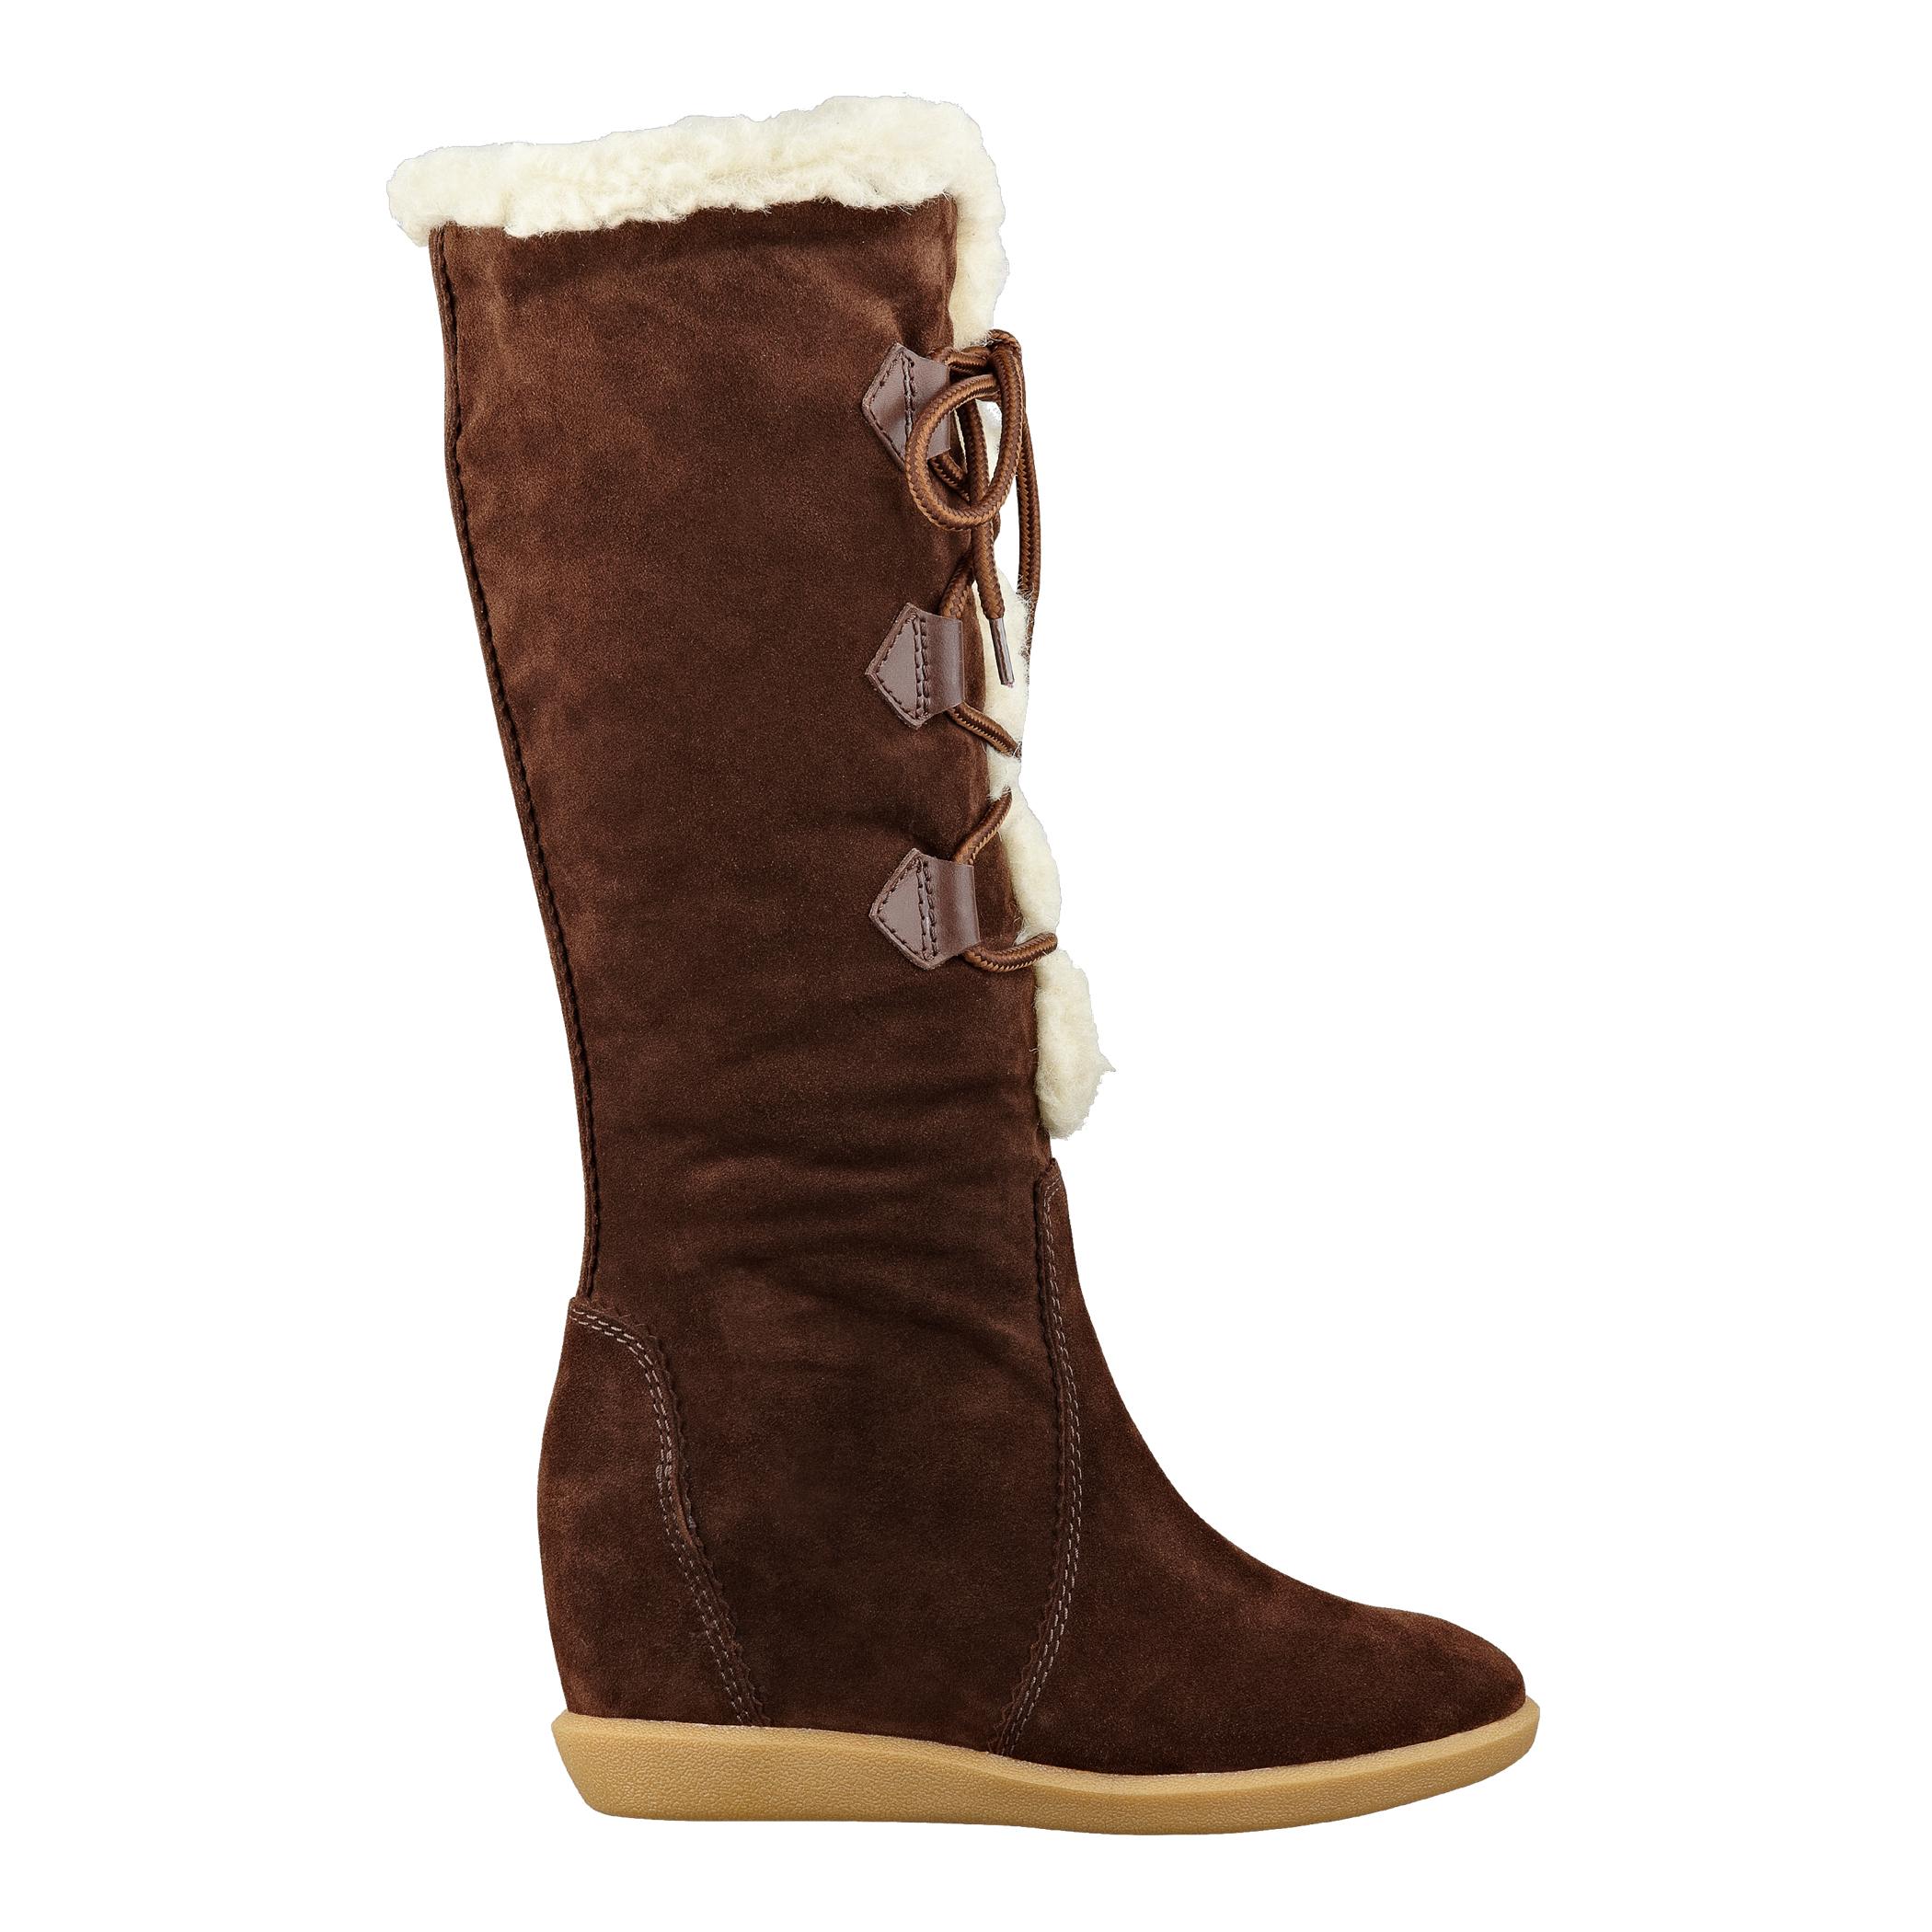 nine west gayne boot in brown brown multi suede lyst